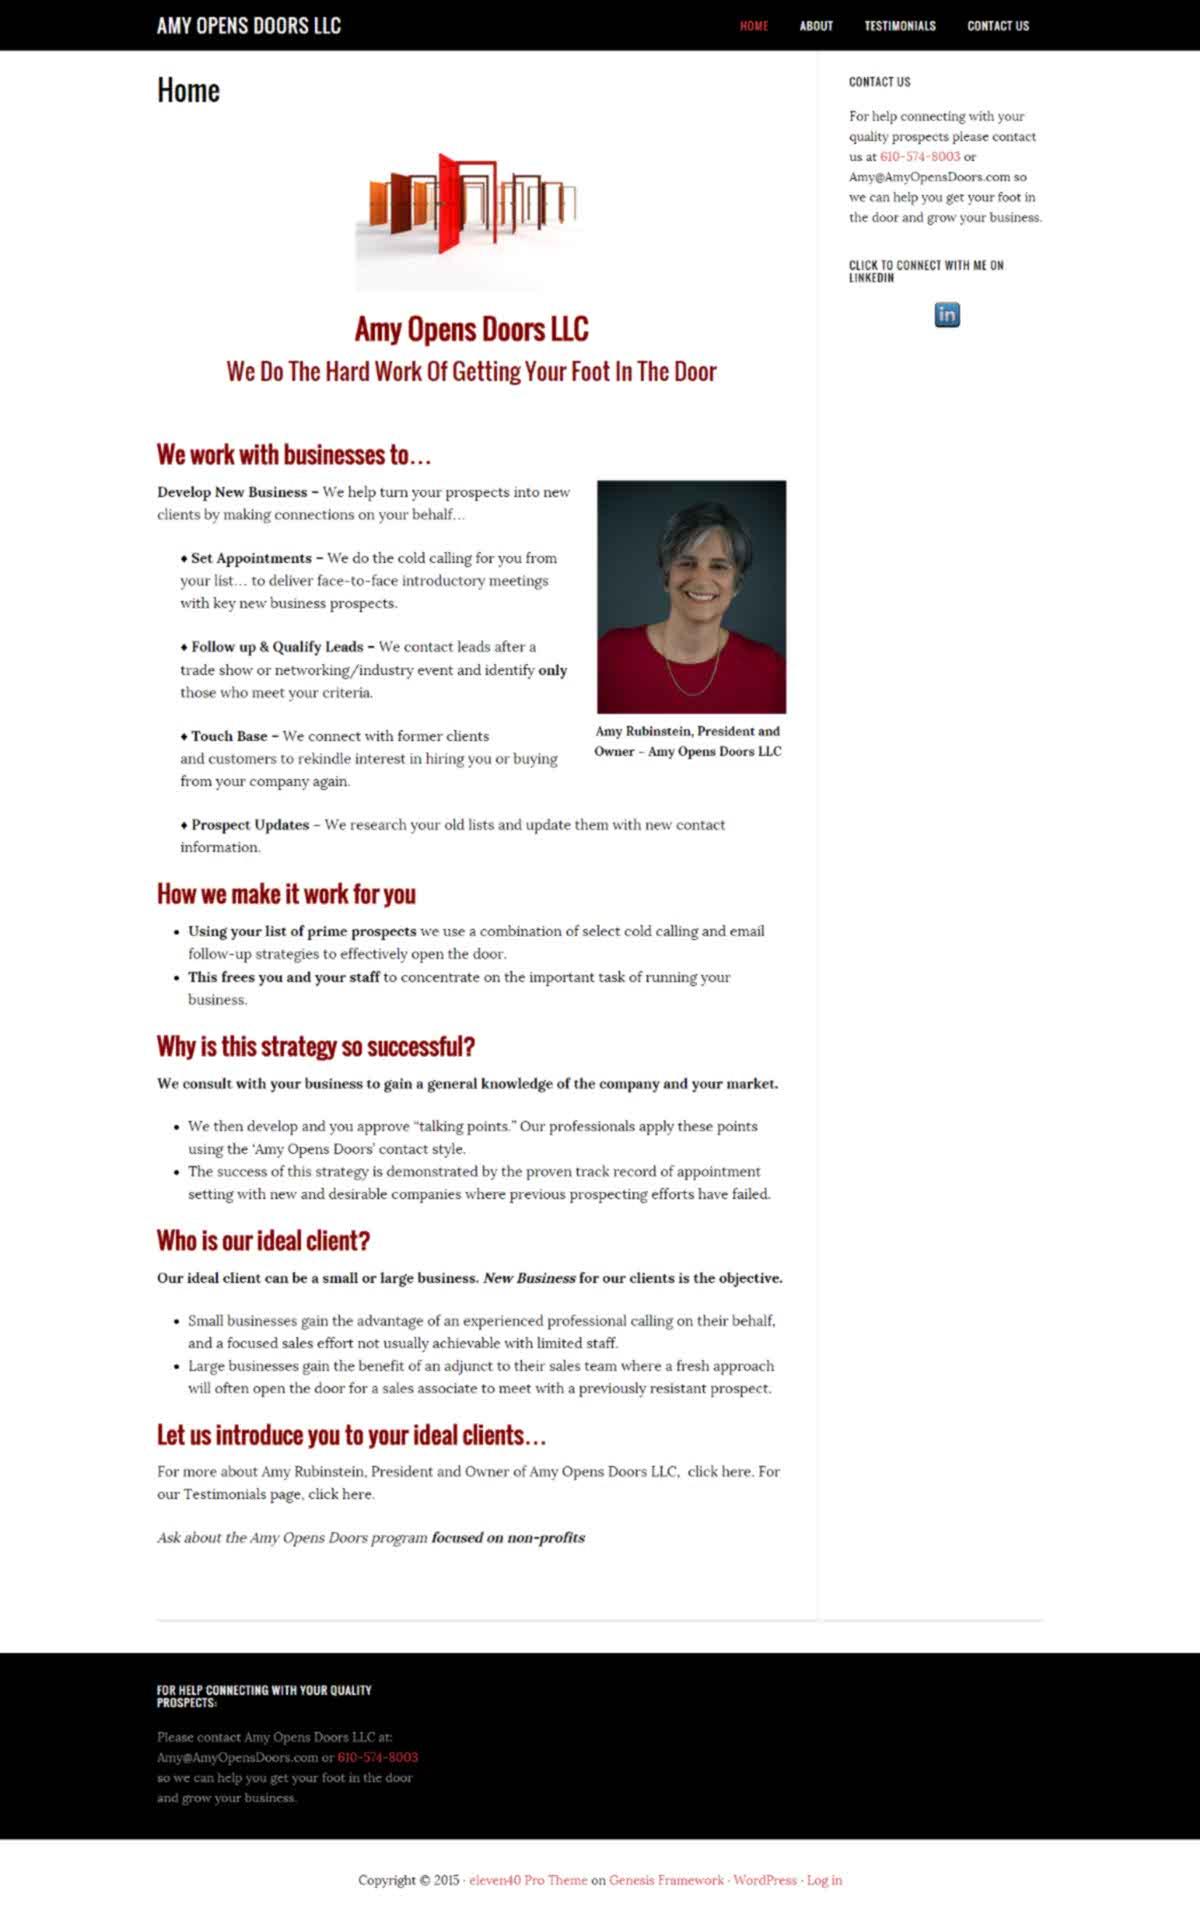 KIS Web Design Amy Opens Doors Website